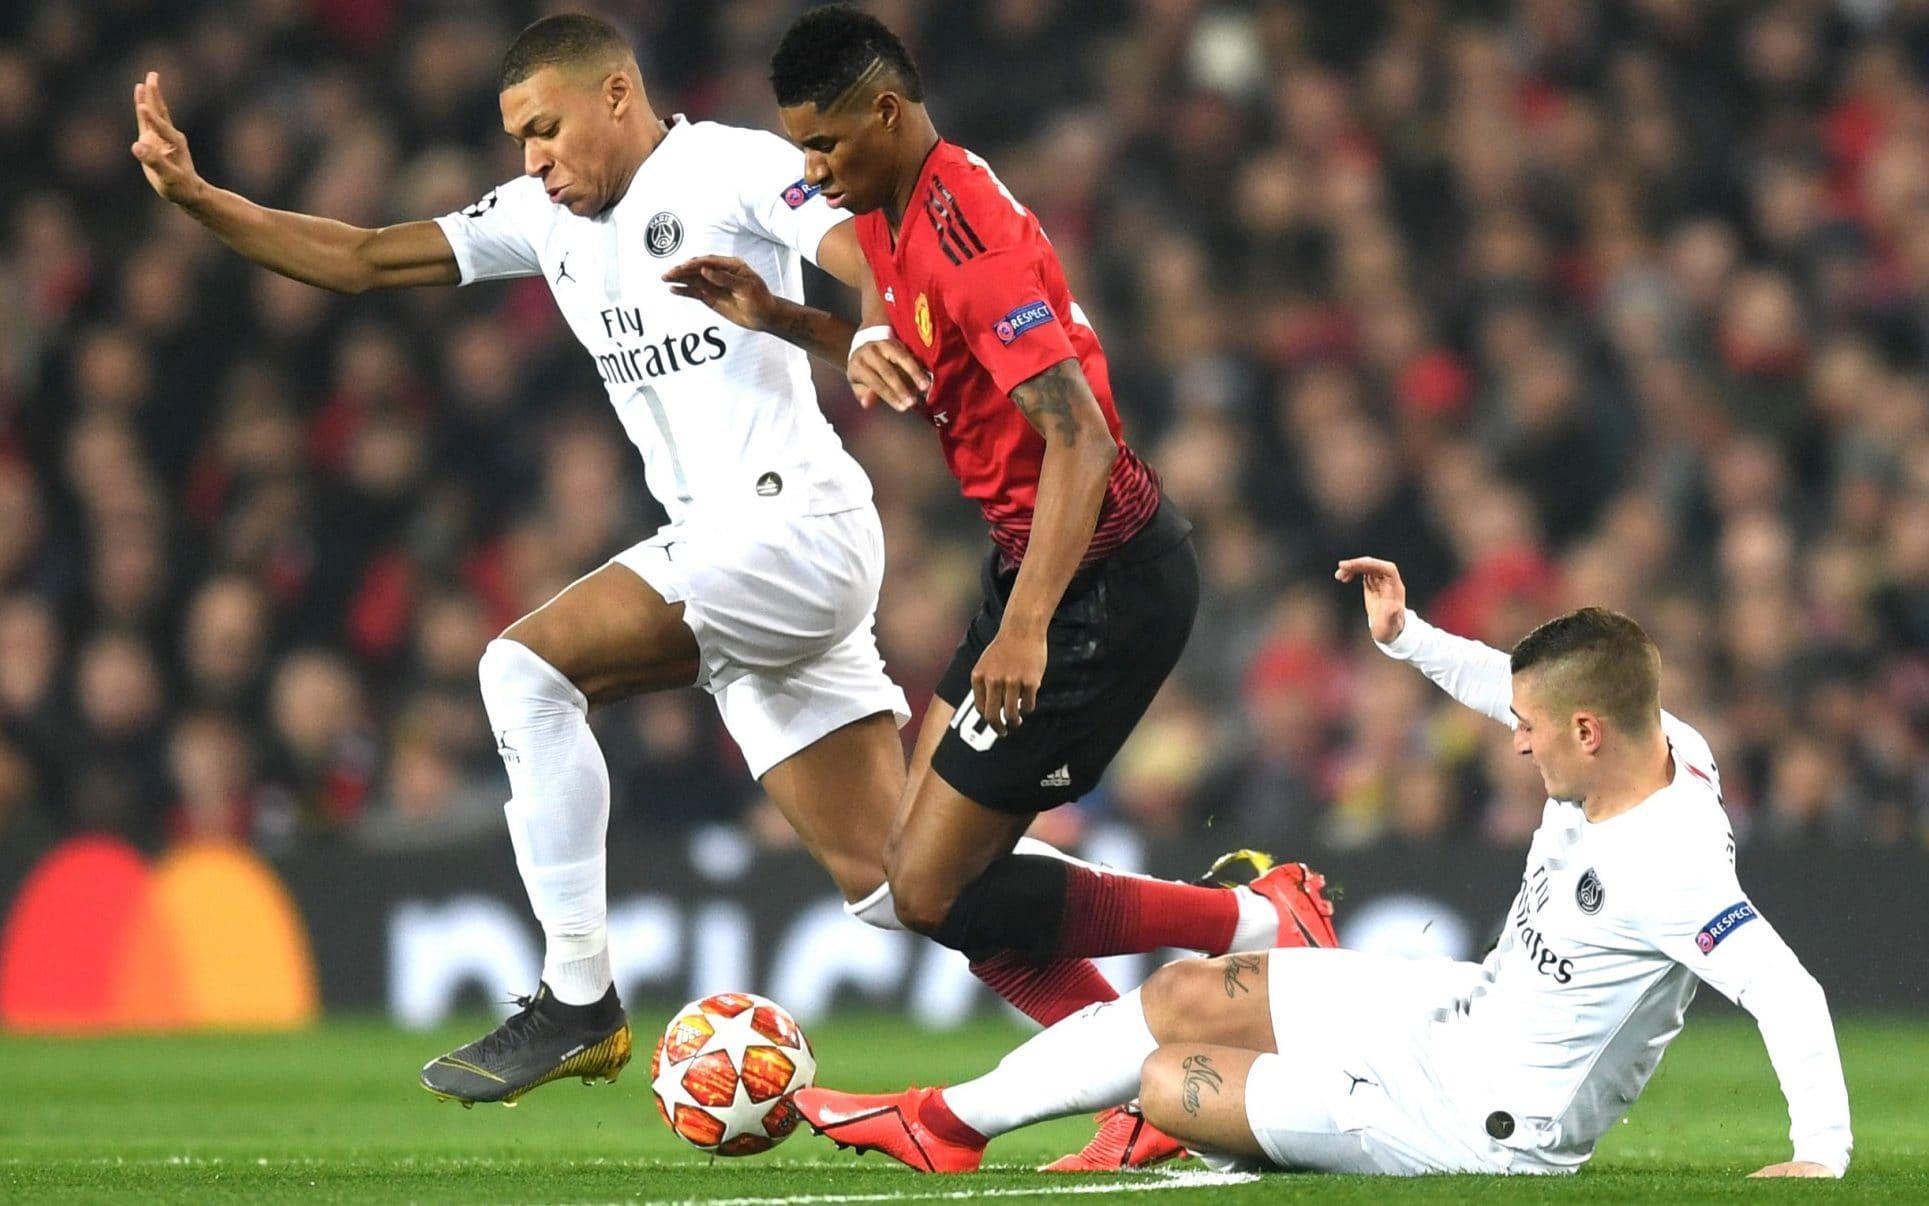 Man Utd ôm hận, Rio Ferdinand thừa nhận sự thật cay đắng - Bóng Đá